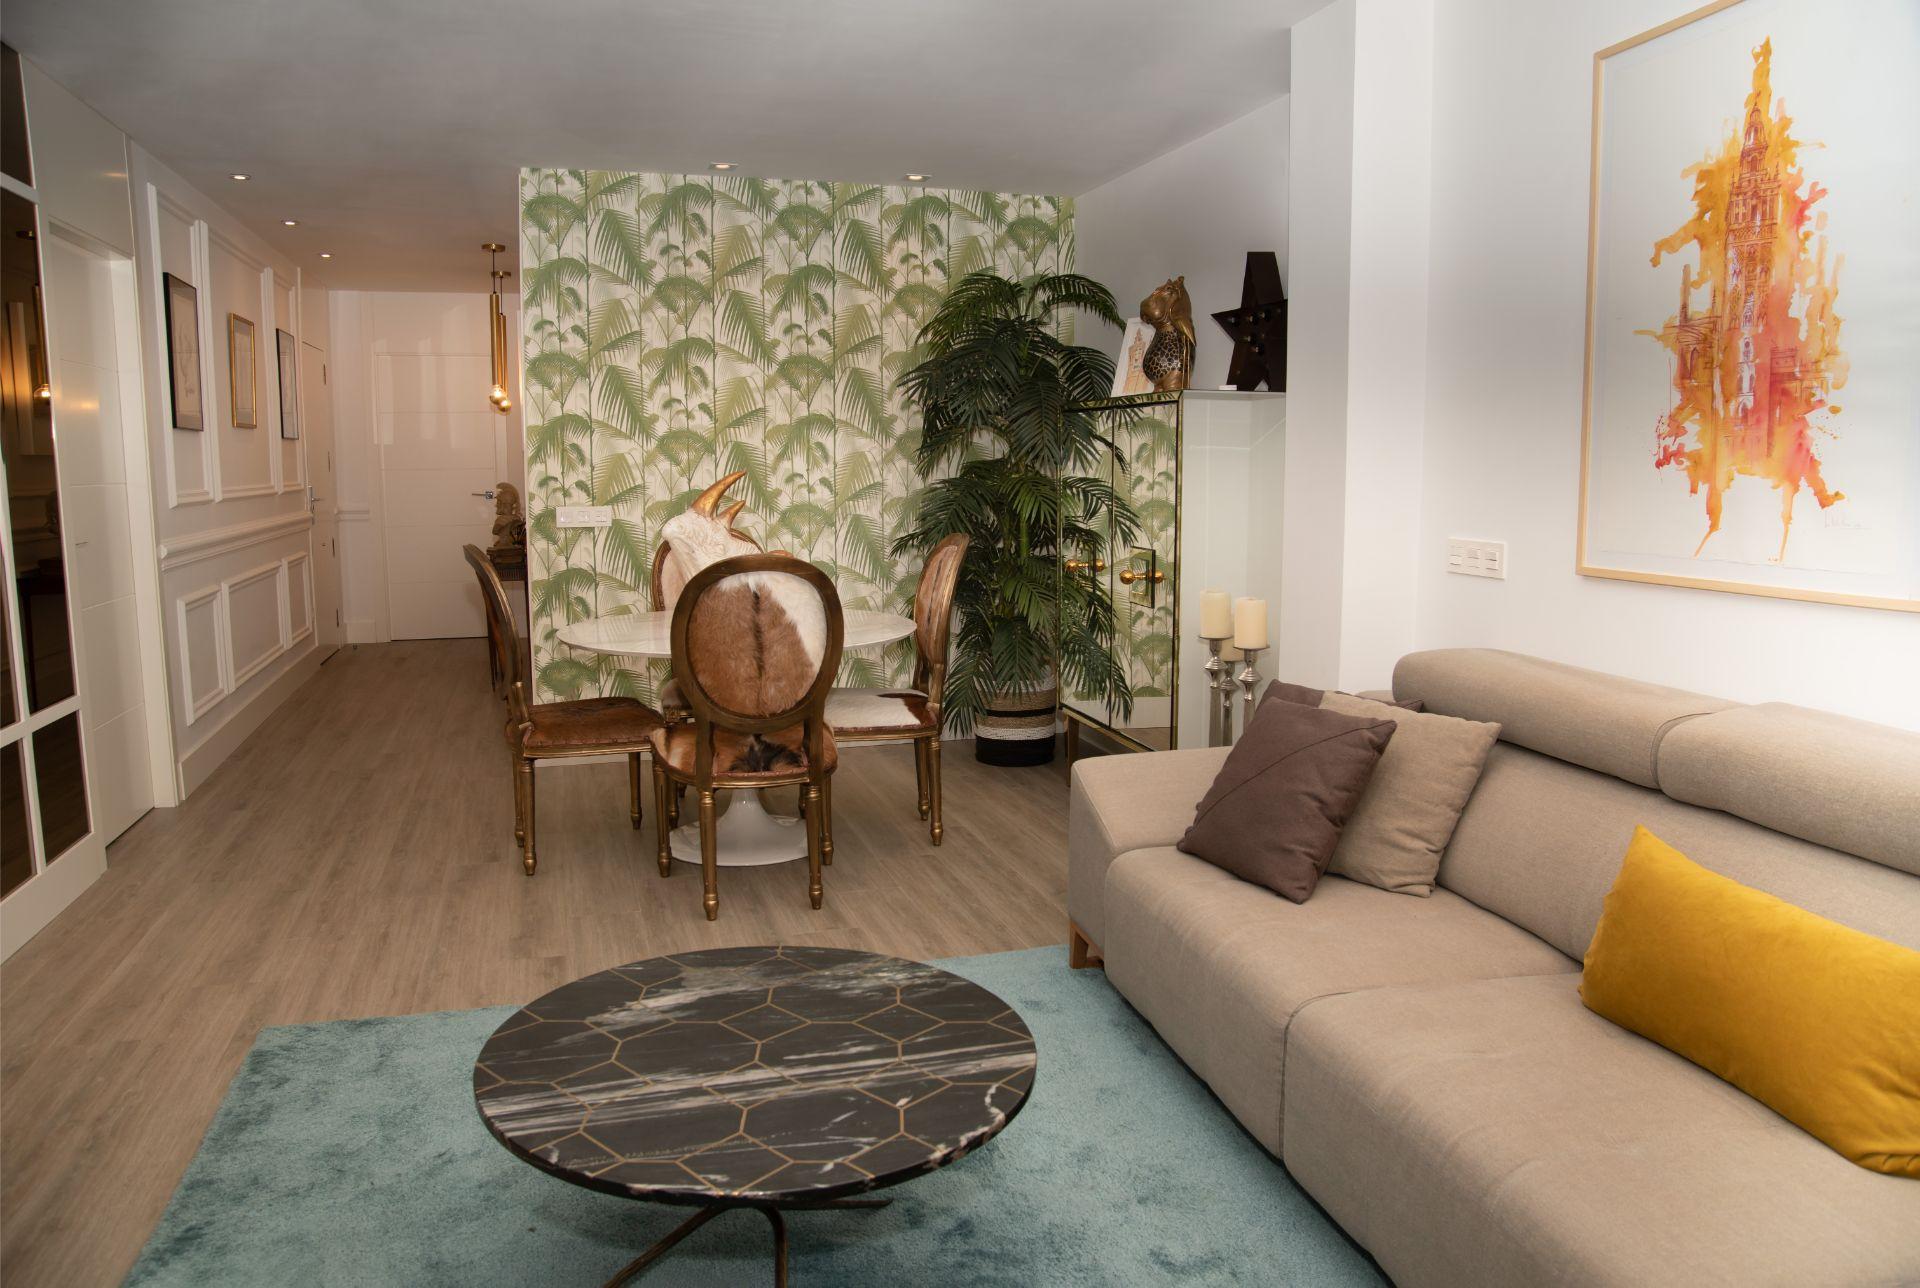 proyecto-interiorismo-interioristas-viviendas-particulares-casas-chalets-diseno-13